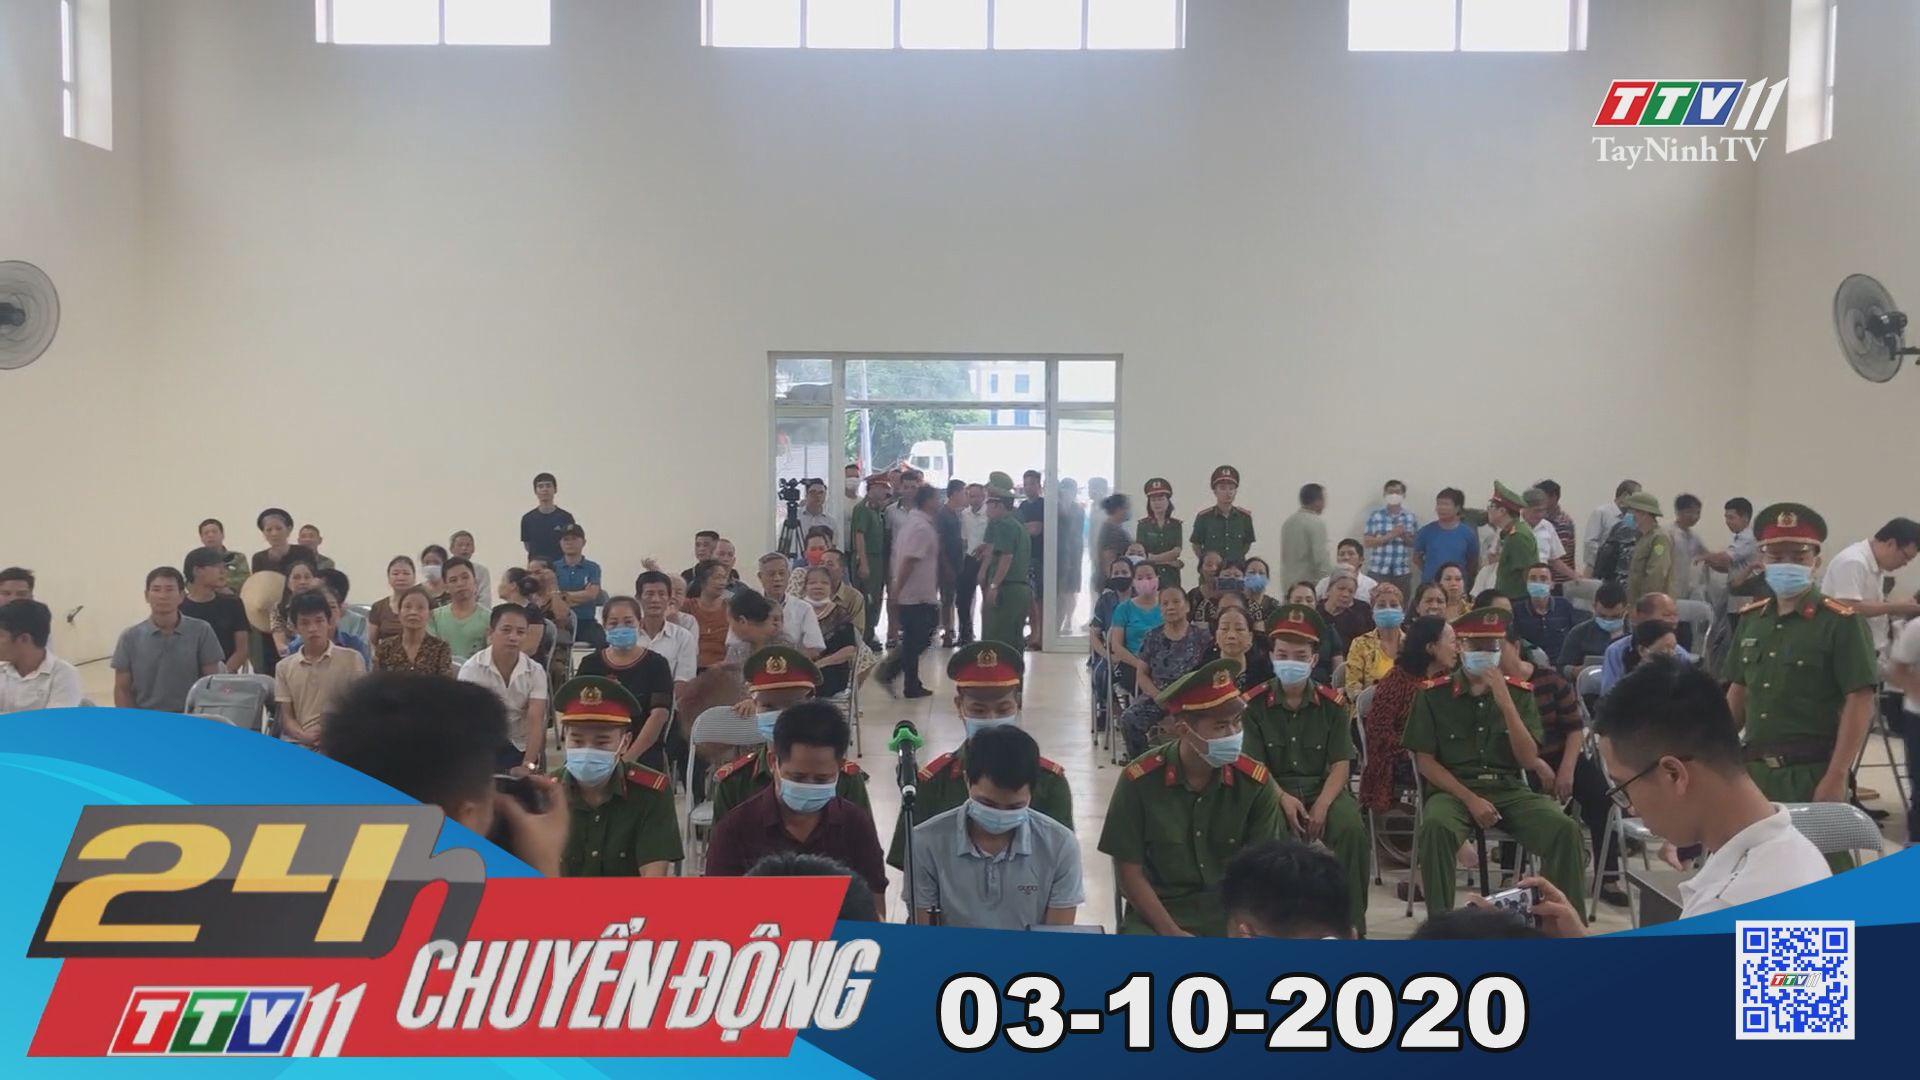 24h Chuyển động 03-10-2020 | Tin tức hôm nay | TayNinhTV